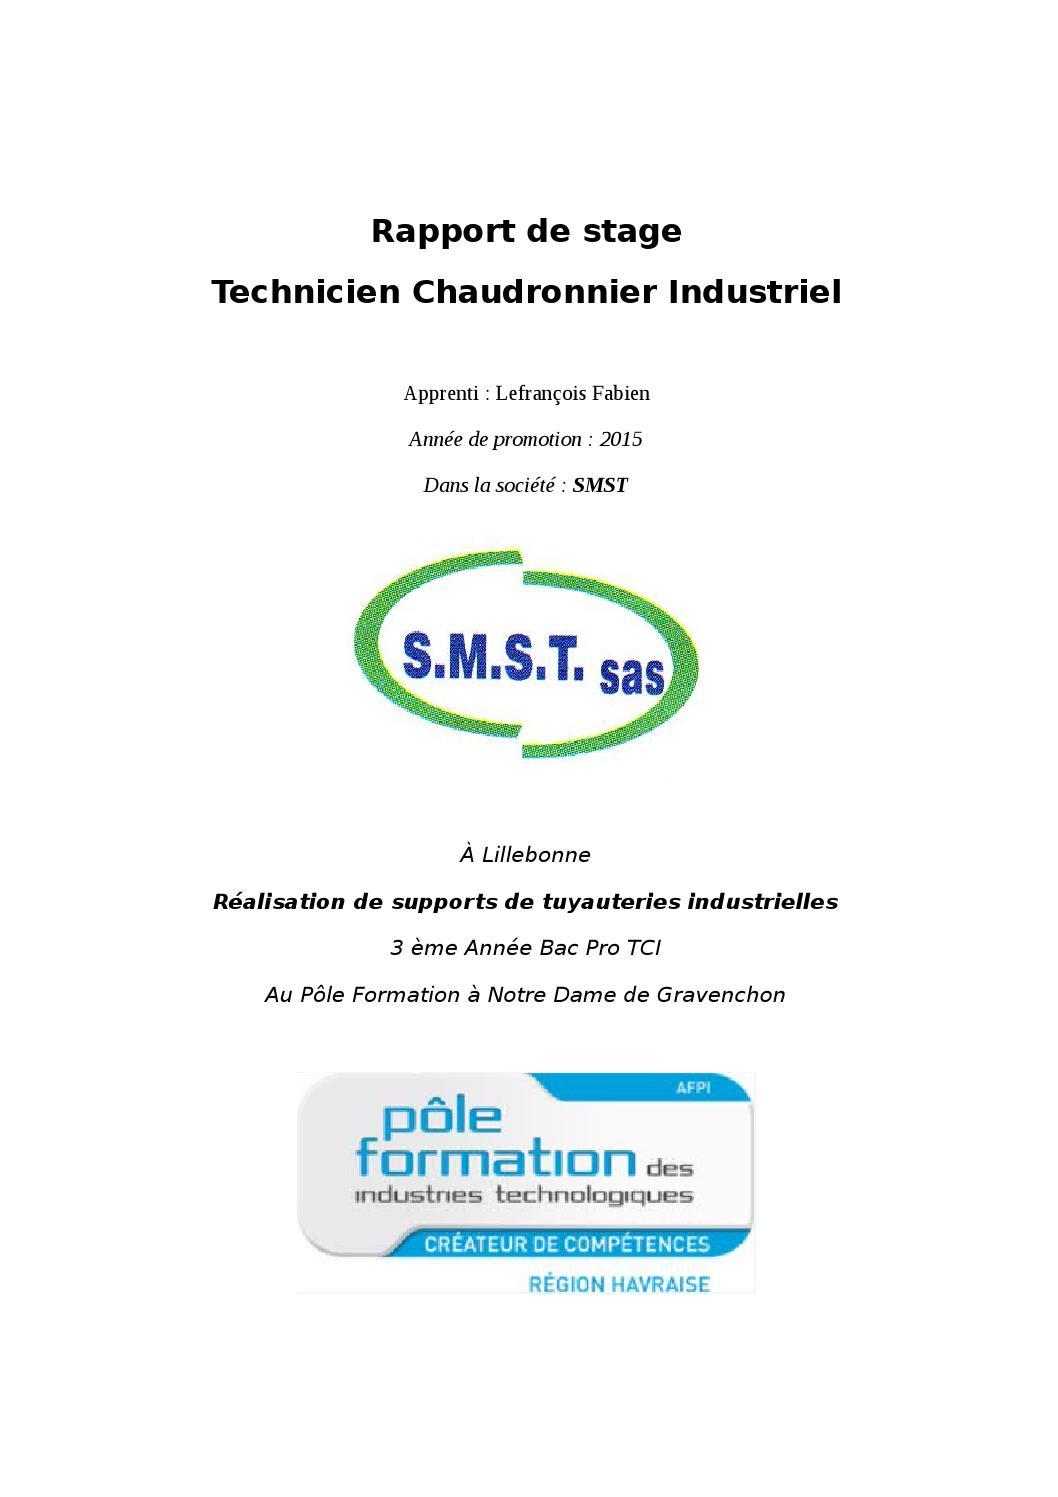 Rapport De Stage Technicien Chaudronnerie Industriel By